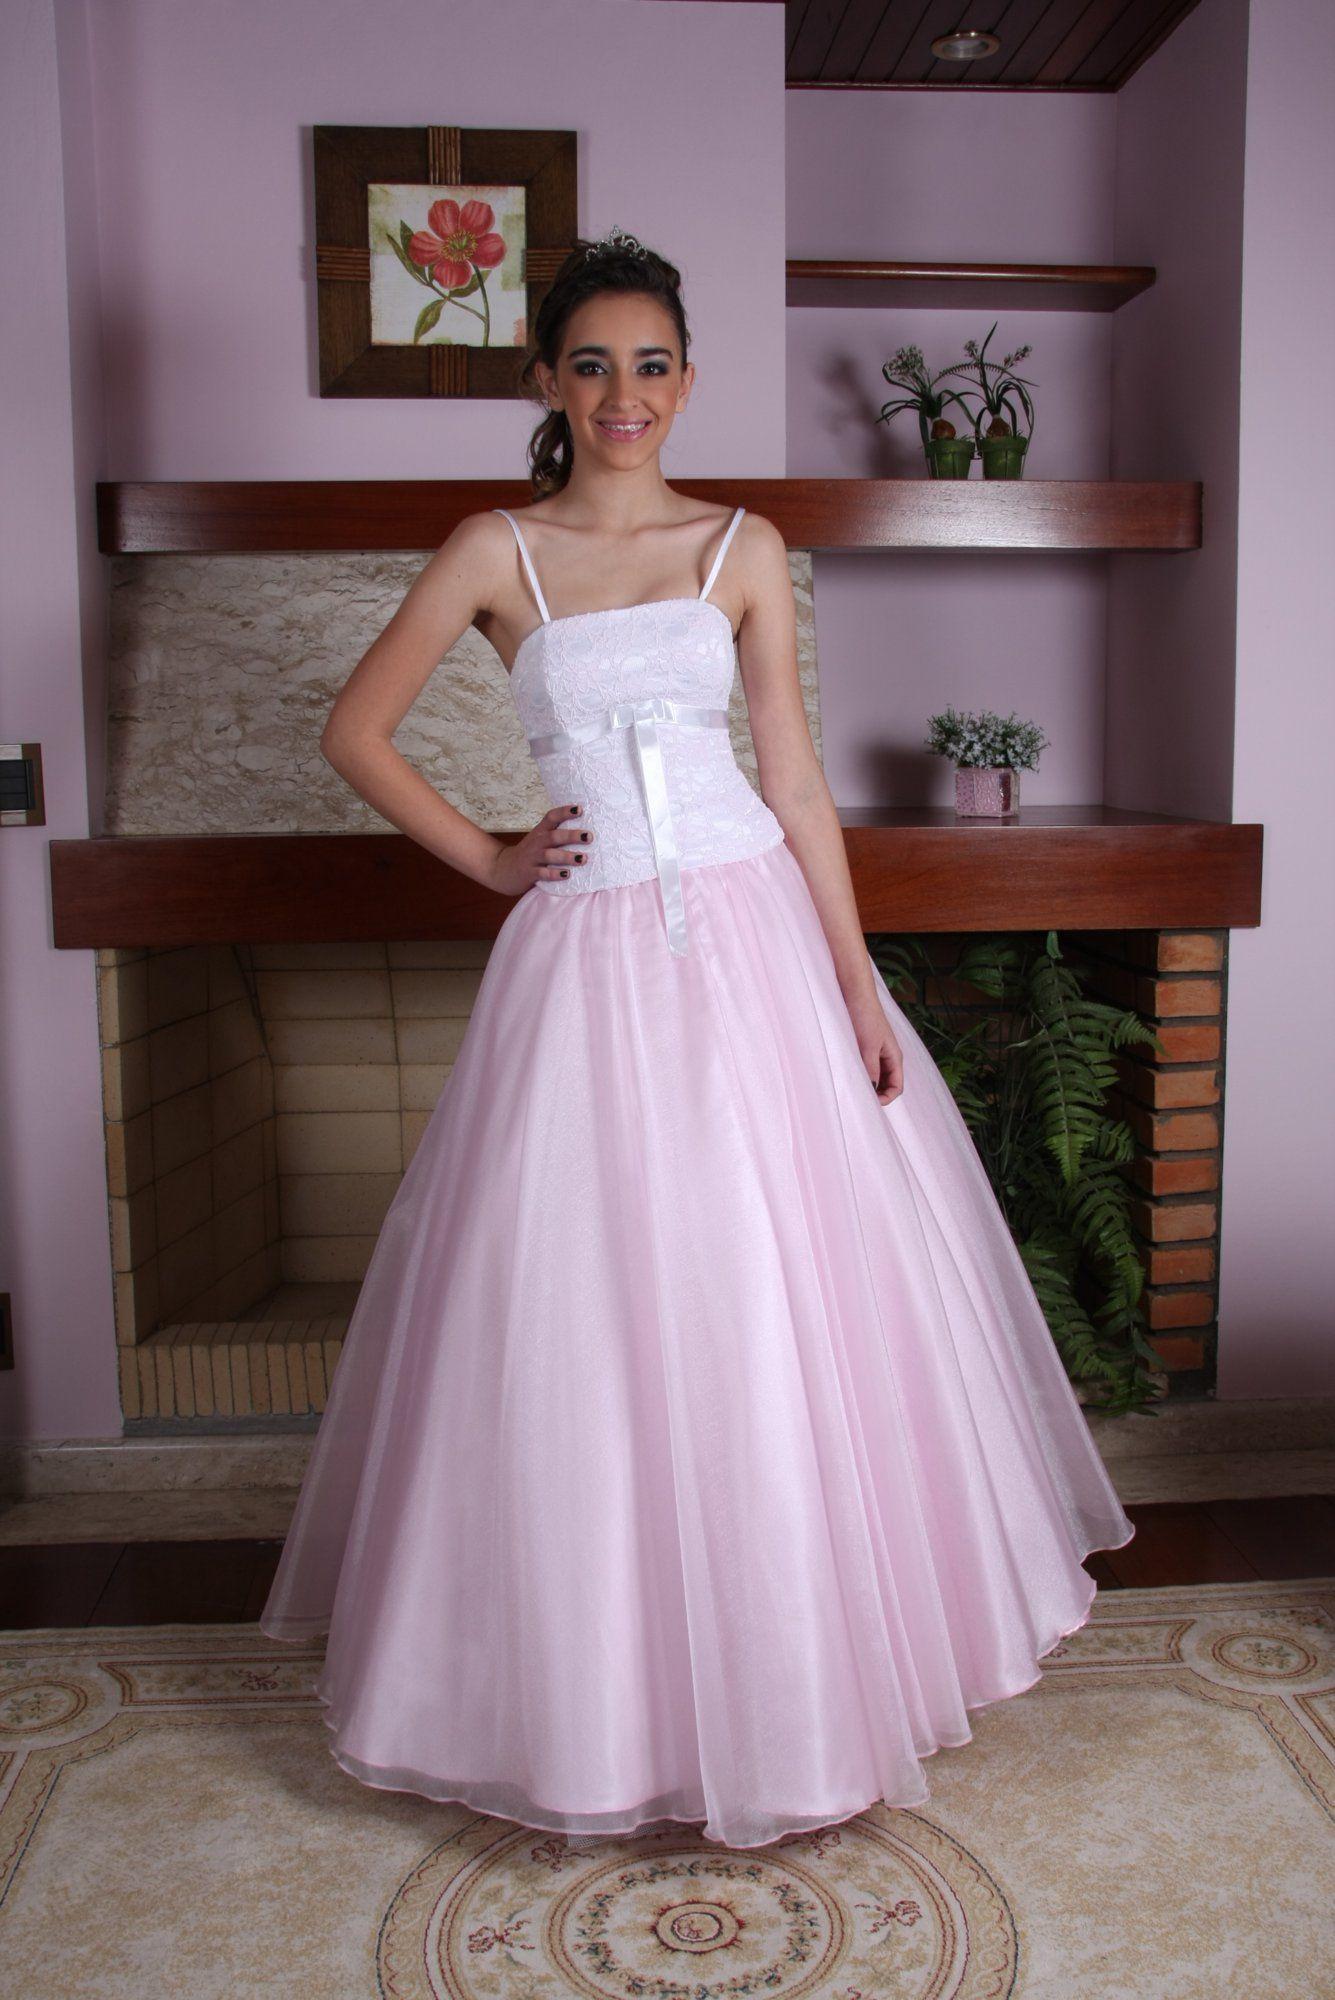 Vestido de Debutante Rosa - 6 - Hipnose Alta Costura e Spa para Noivas e Noivos - Campinas - SP Vestido de Debutante, Vestido de Debutante Rosa, Hipnose Alta Costura